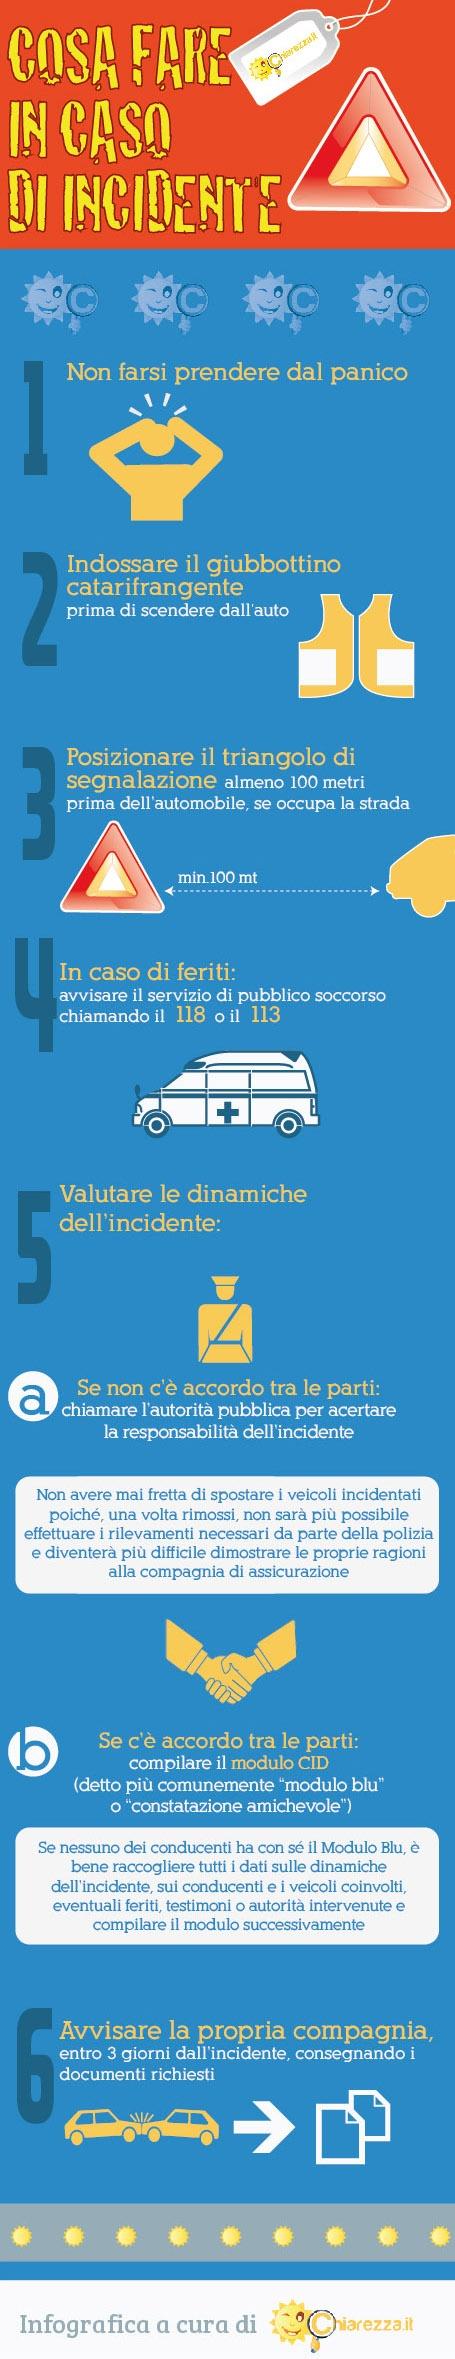 Cosa fare in caso di incidente auto. dal blog di Chiarezza.it: http://blog.chiarezza.it/cosa-fare-in-caso-di-incidente-infografica/ #faiChiarezza